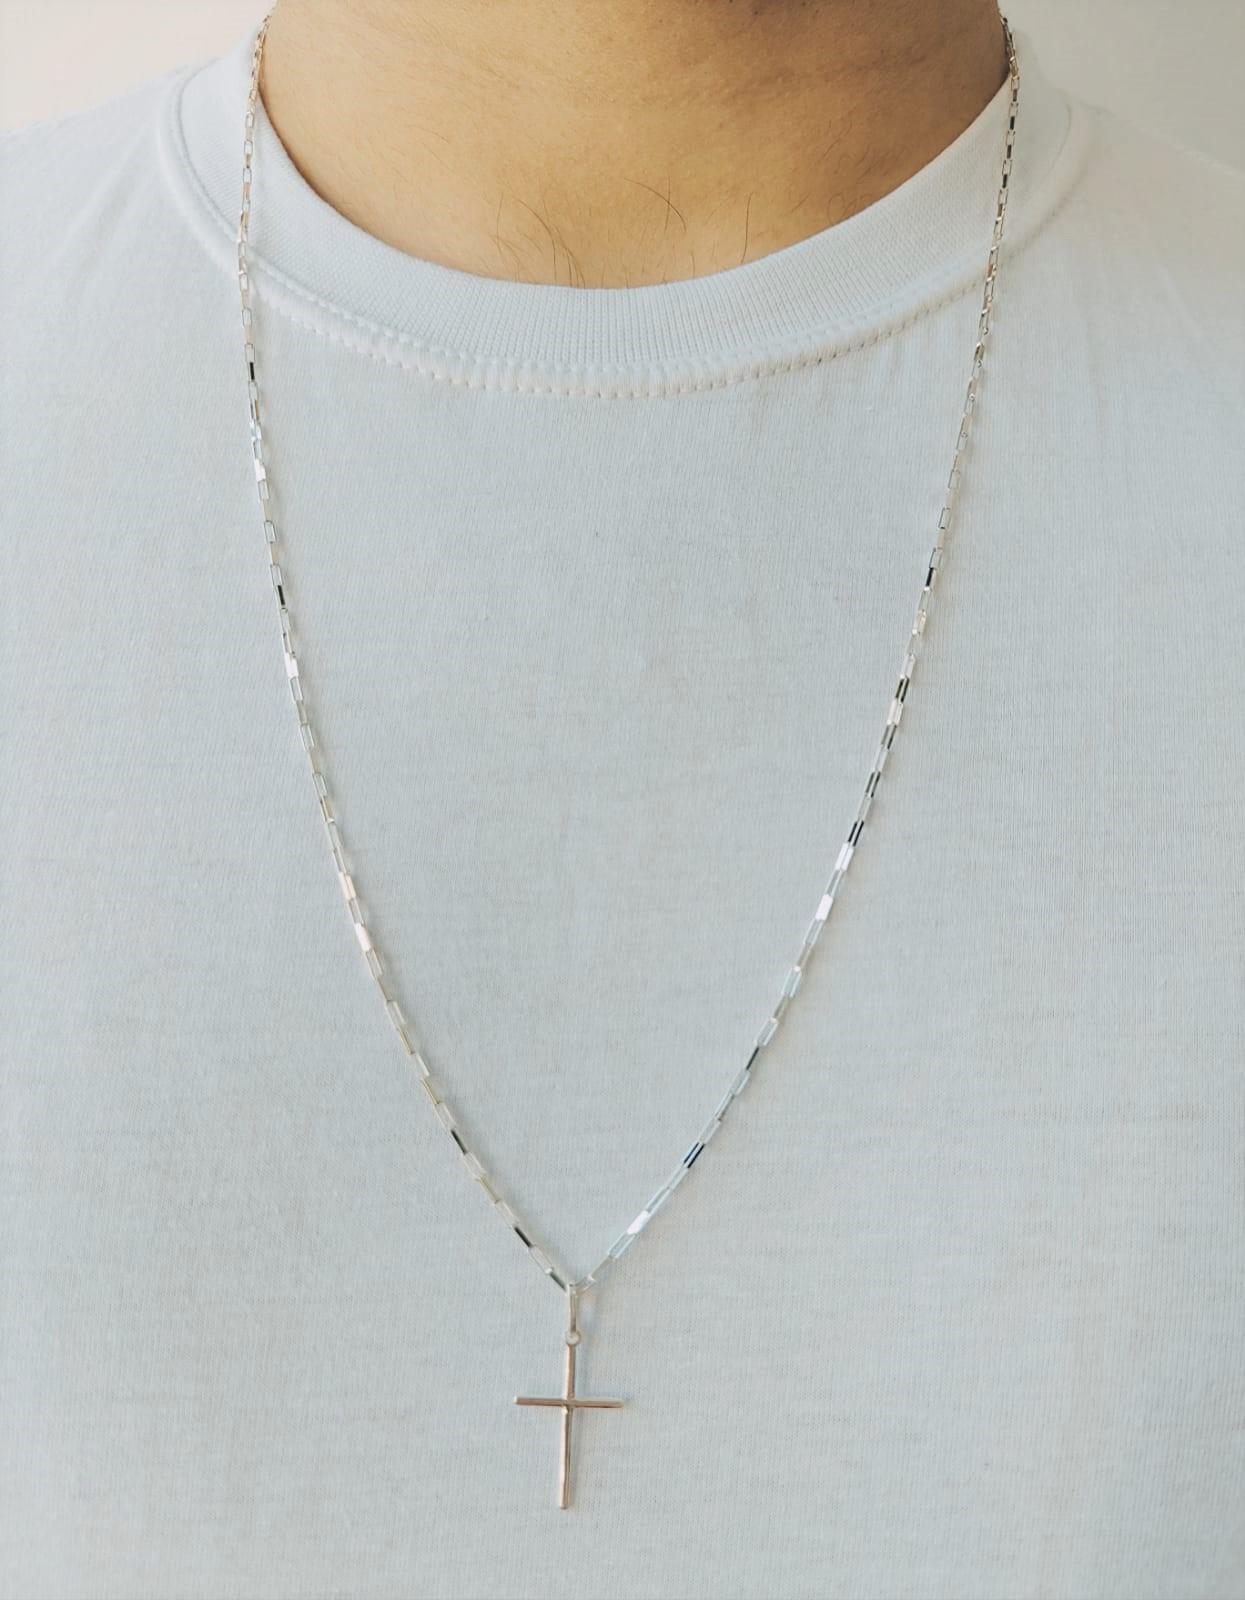 Cordão Corrente Masculina Cadeado 70cm Pingente Cruz Crucifixo De Prata 925